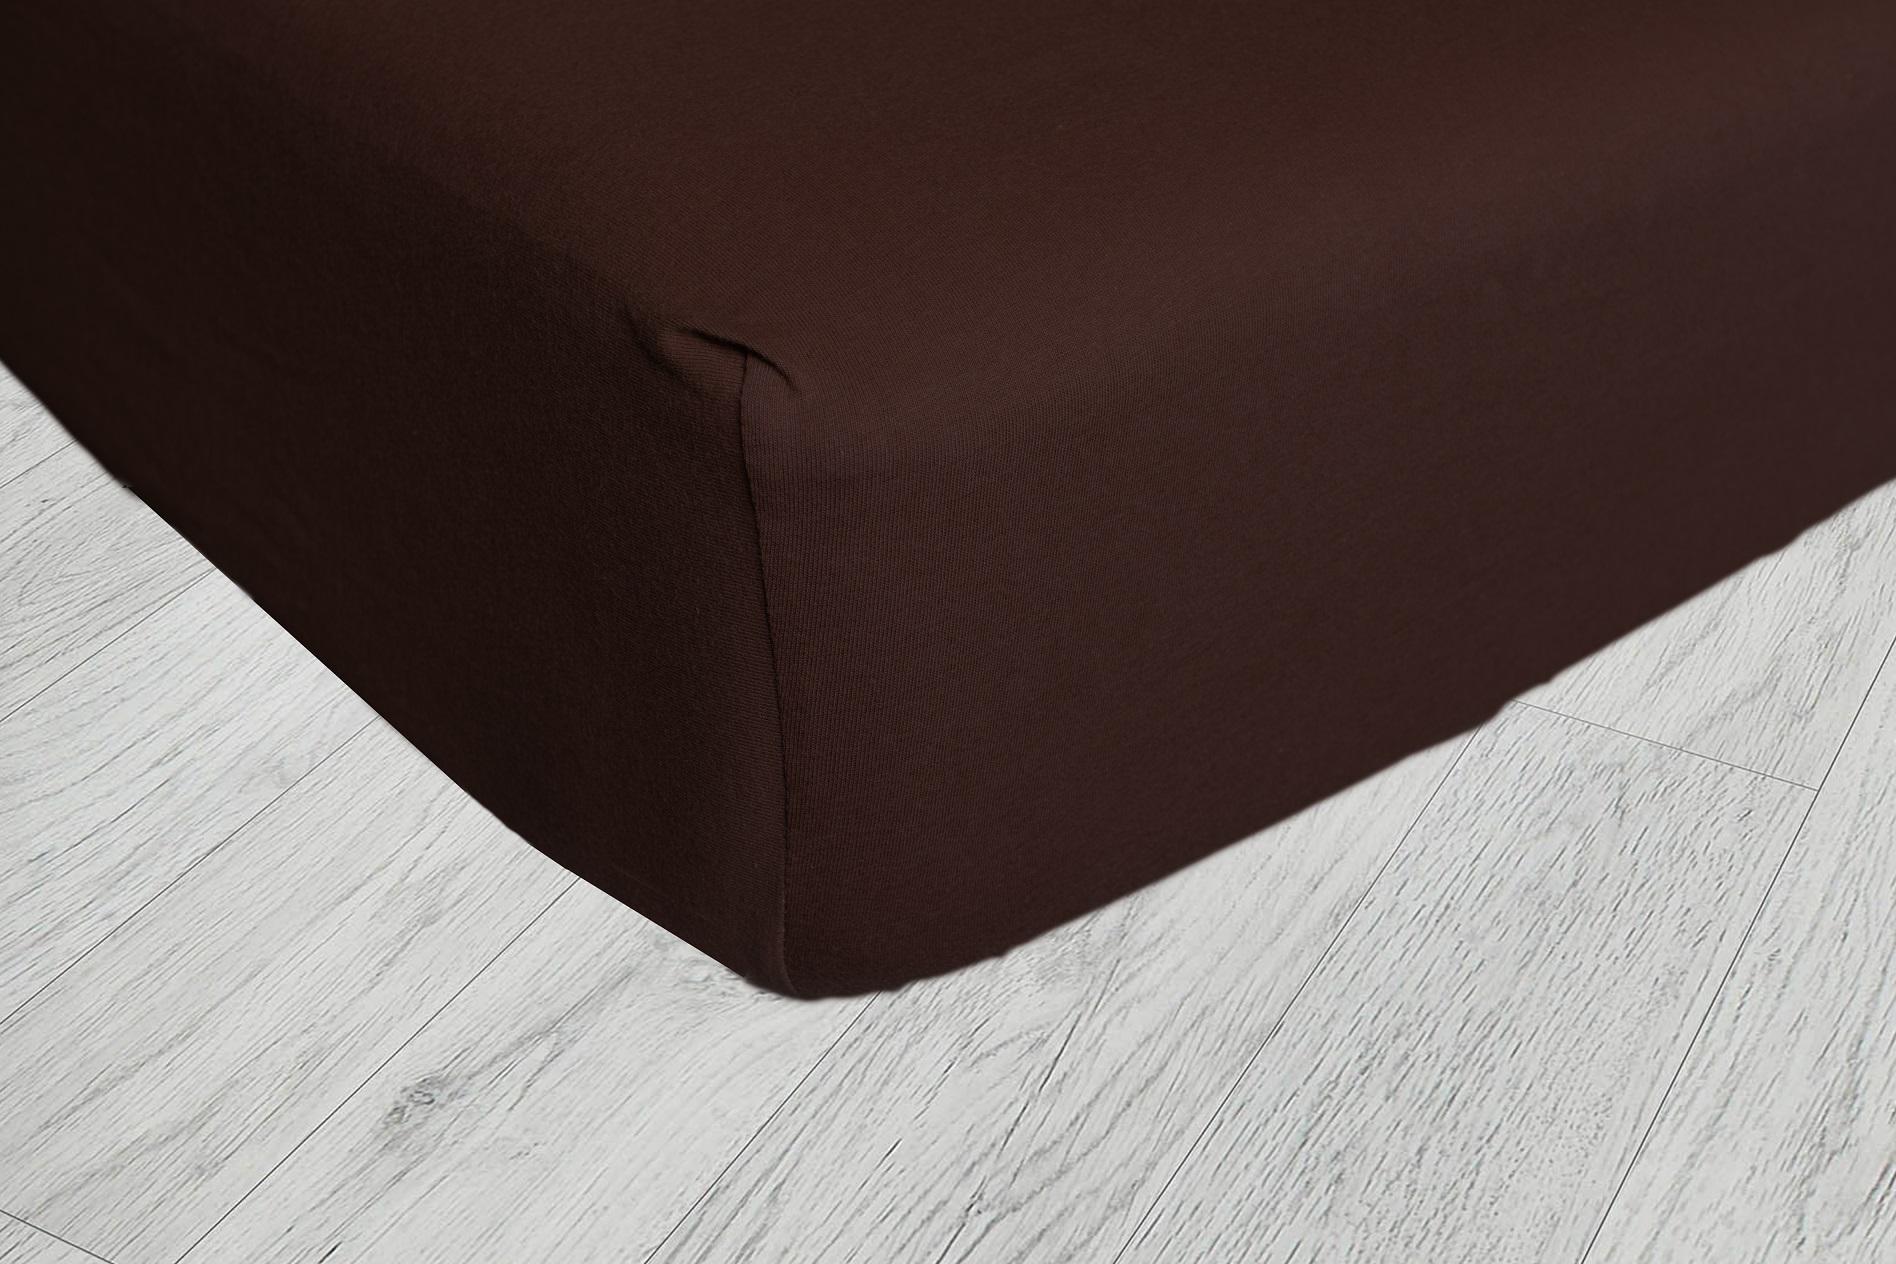 Plachty jersey - Čokoládová